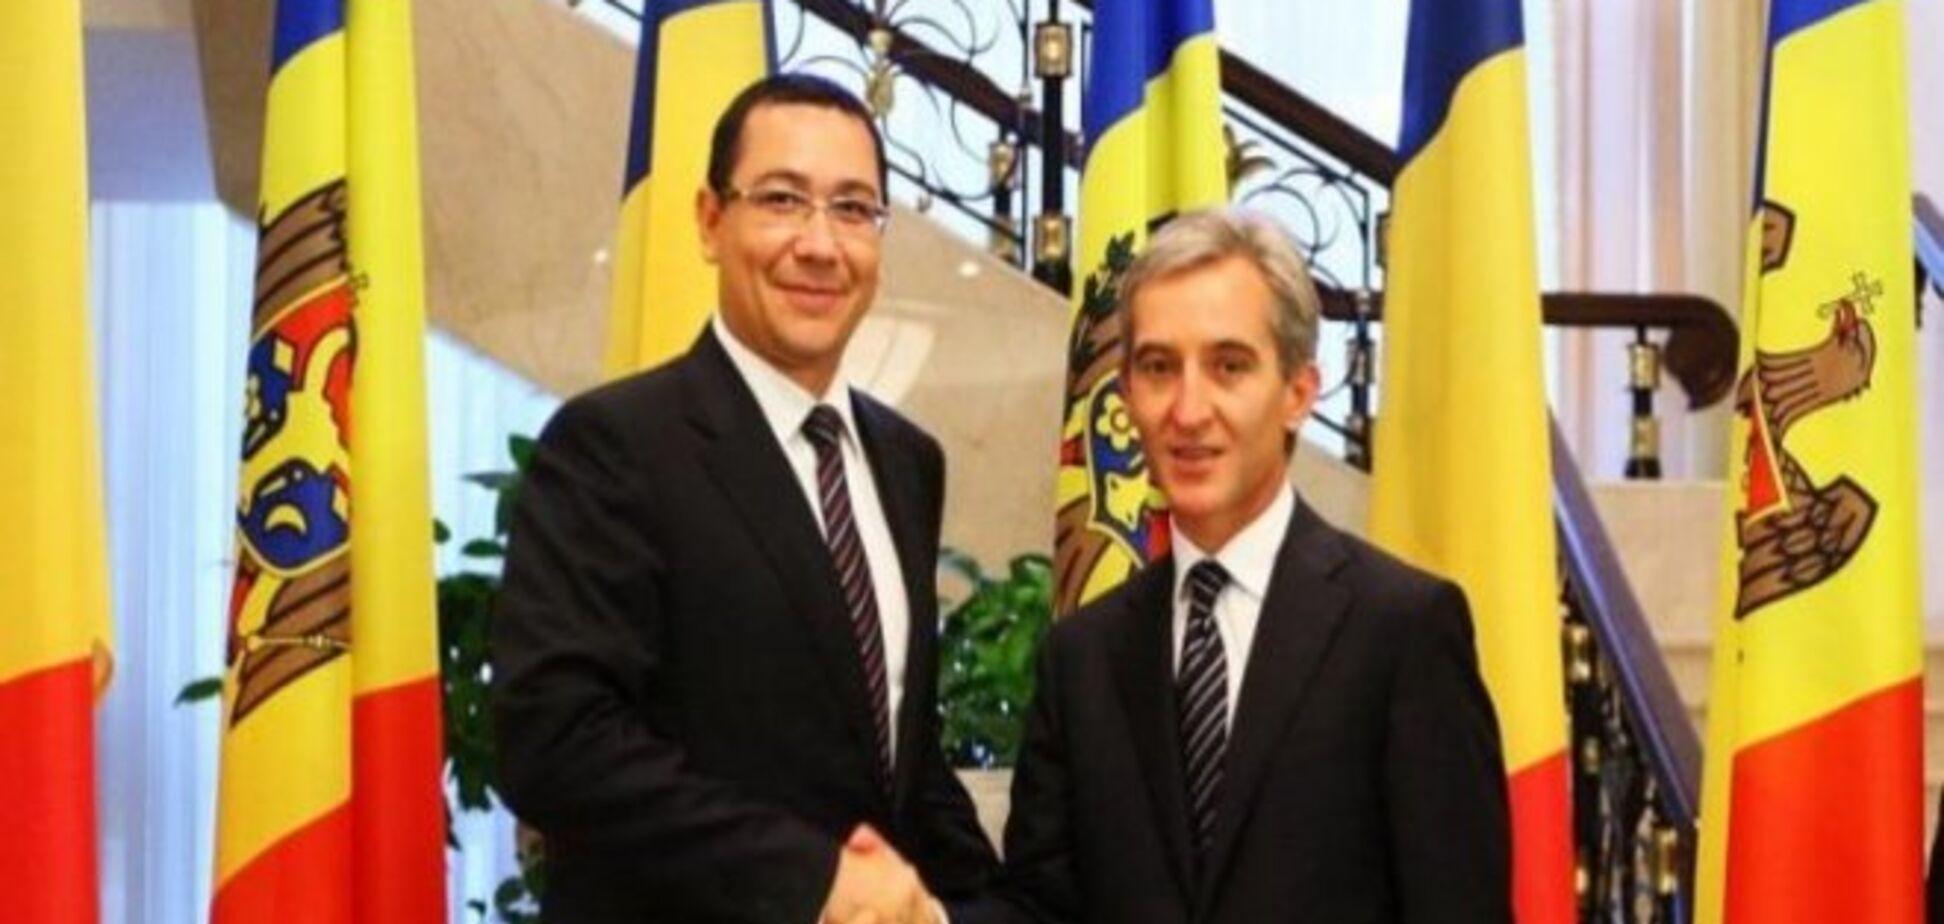 Россия назвала 'аннексионистскими' планы Румынии объединиться с Молдавией к 2018 году